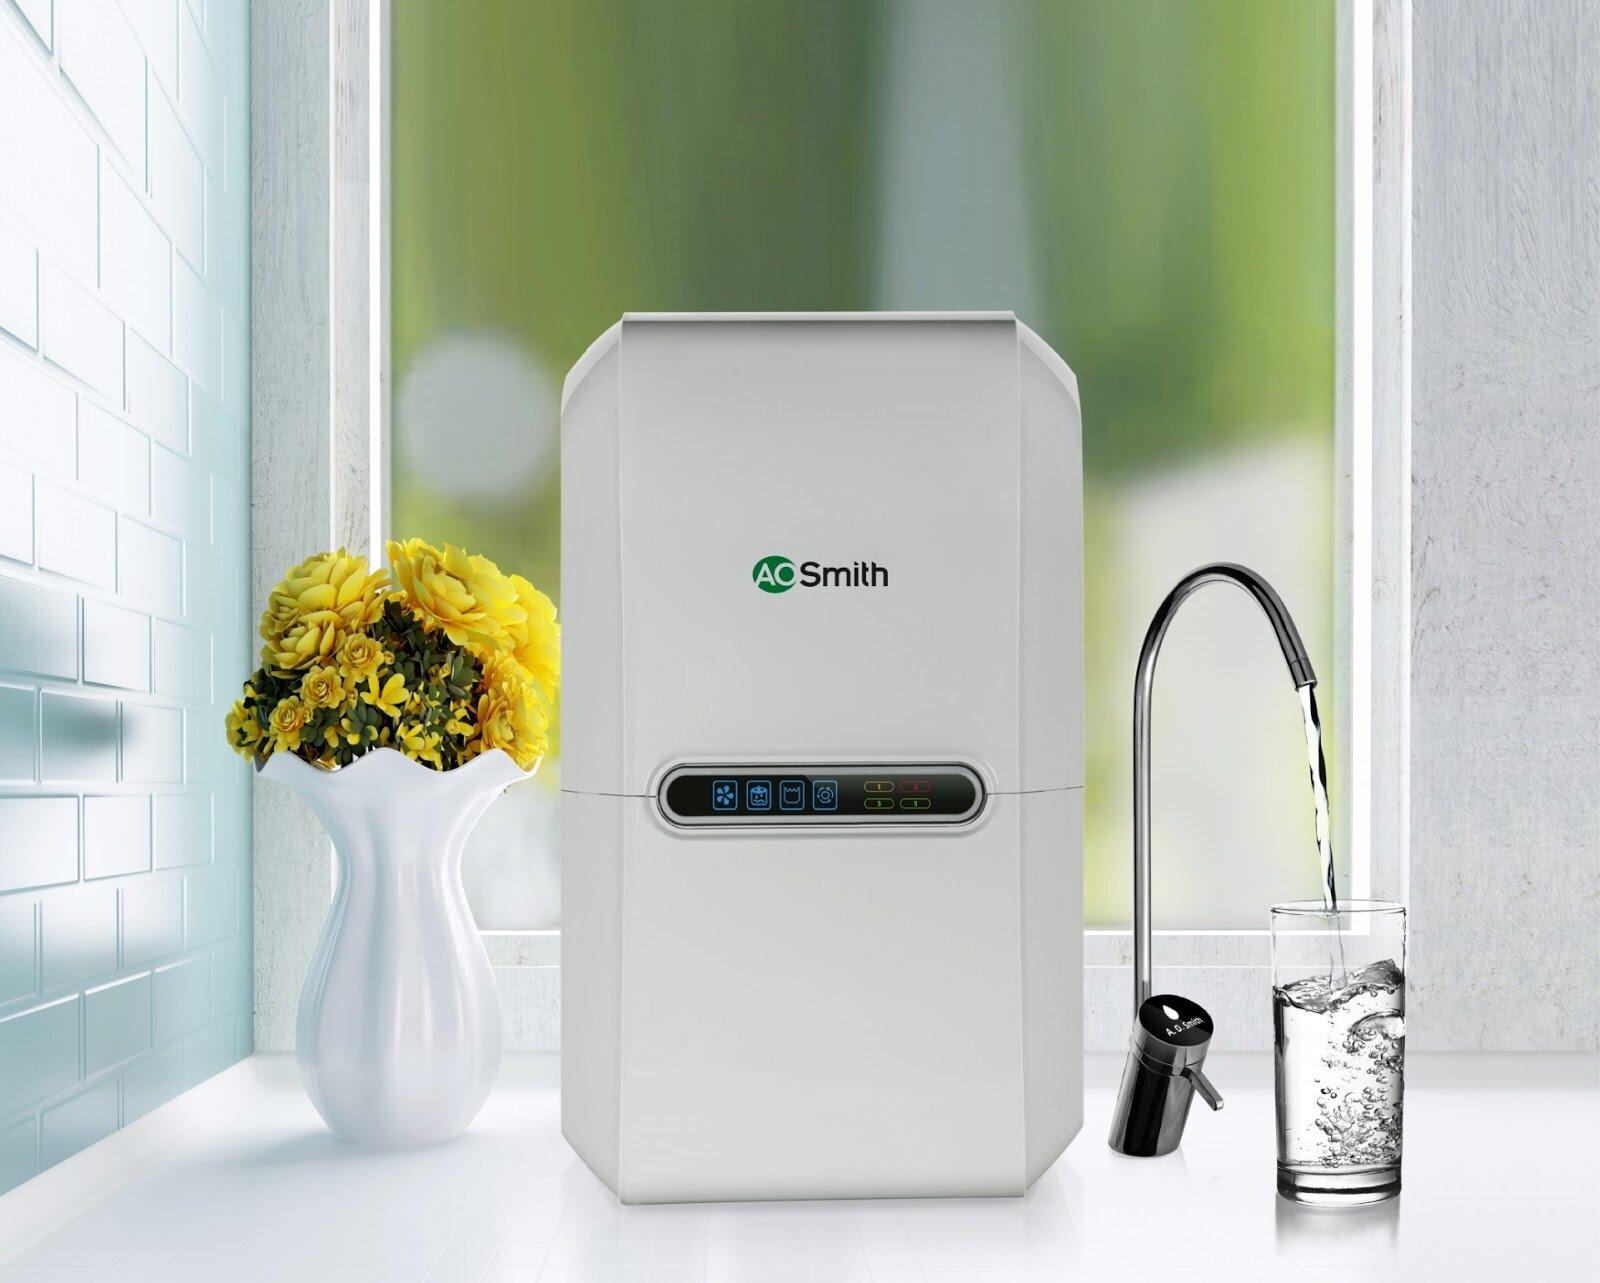 Lựa chọn máy lọc nước phù hợp với nhu cầu sử dụng của gia đình